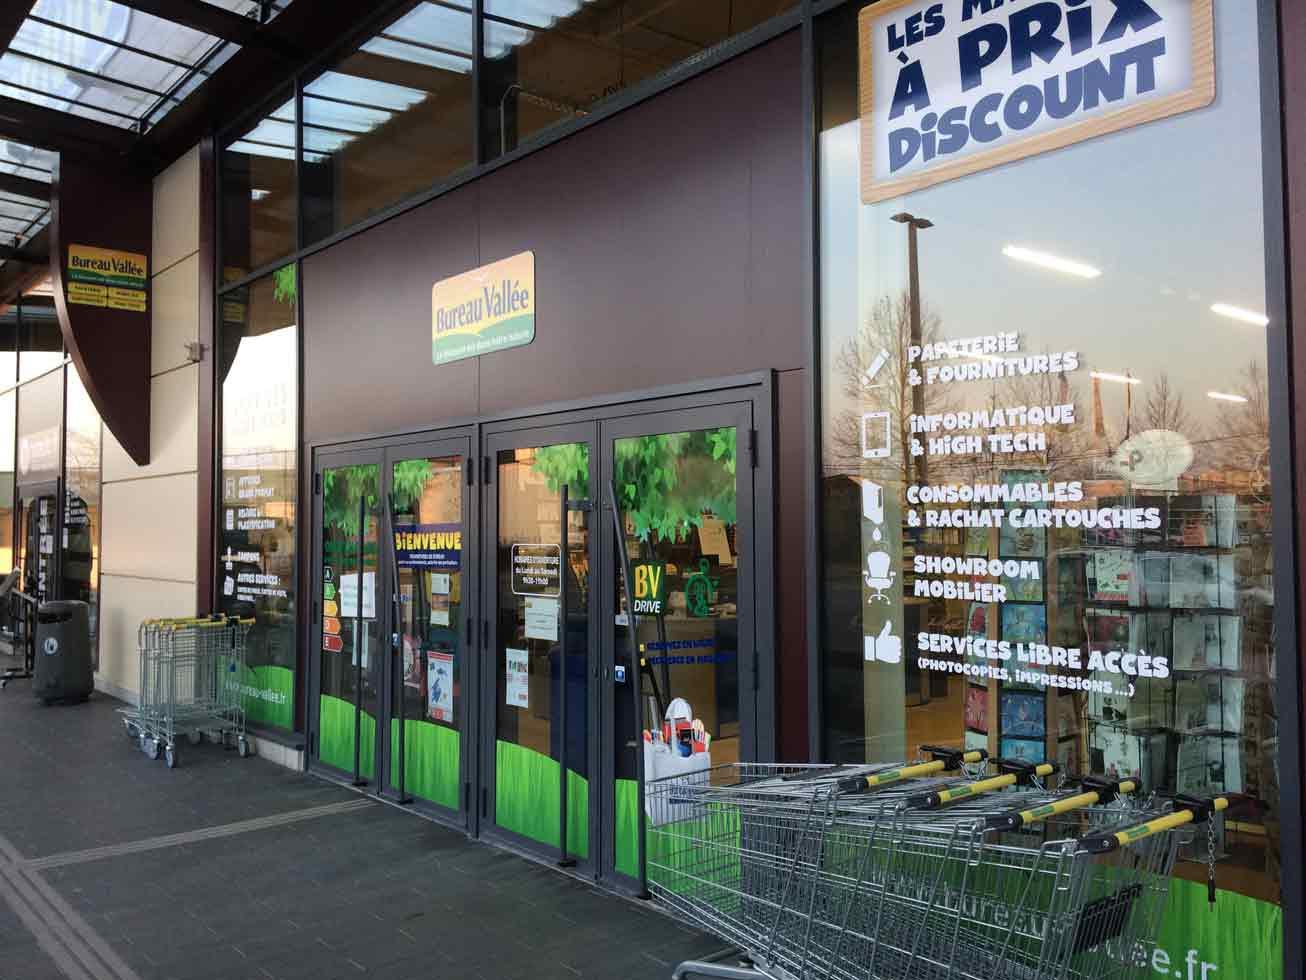 bureau vallée ouvre un nouveau magasin à vichy